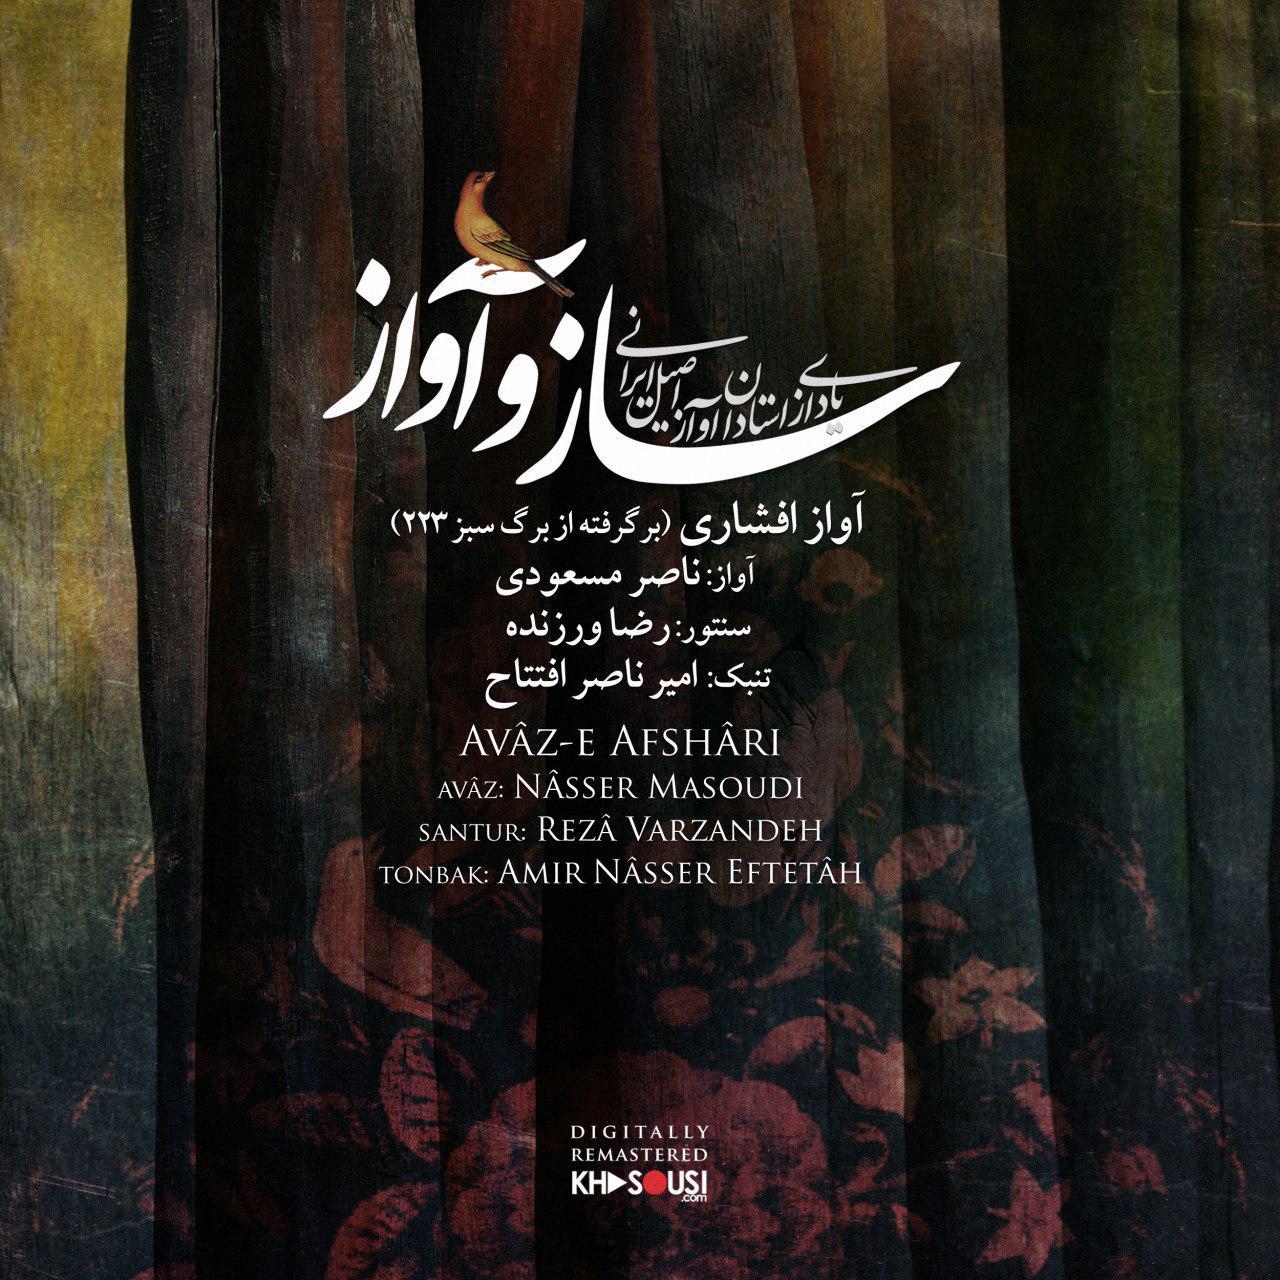 ساز و آواز – آواز افشاری از برگ سبز ۲۲۳ - مسعودی، ورزنده و افتتاح